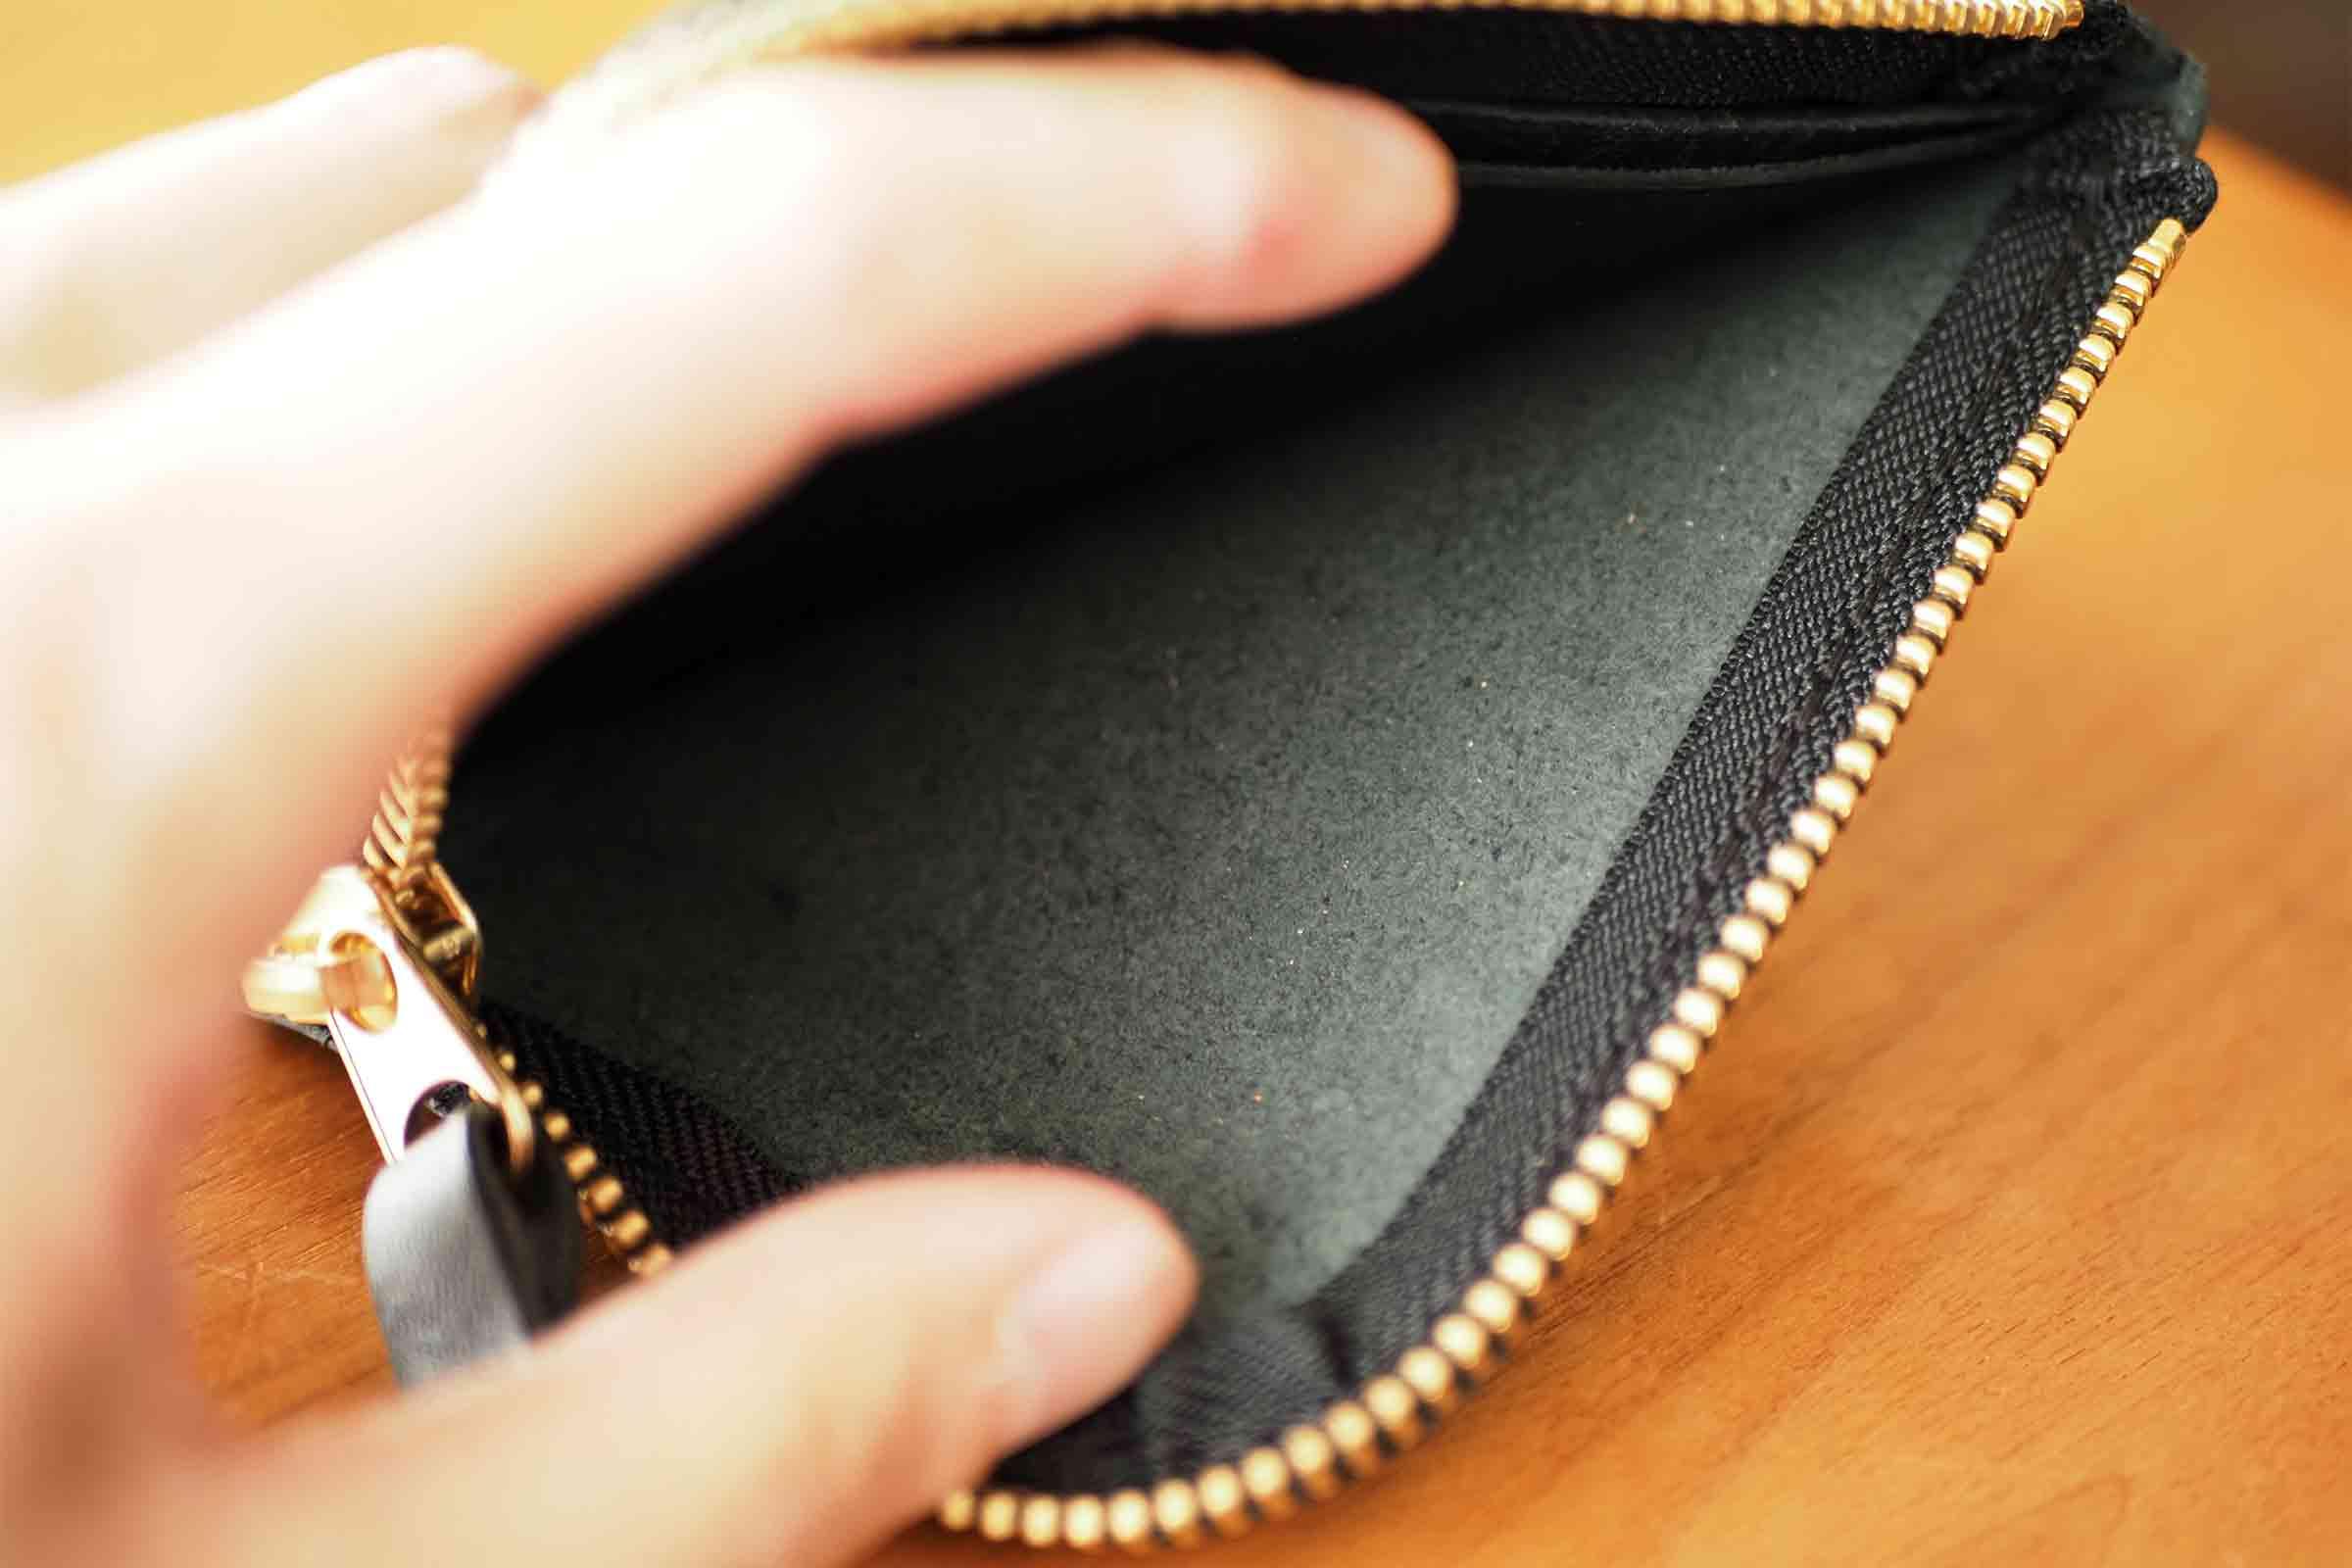 財布,ミニ財布,メンズ,栃木レザー,本革,小さい,薄い,シンプル